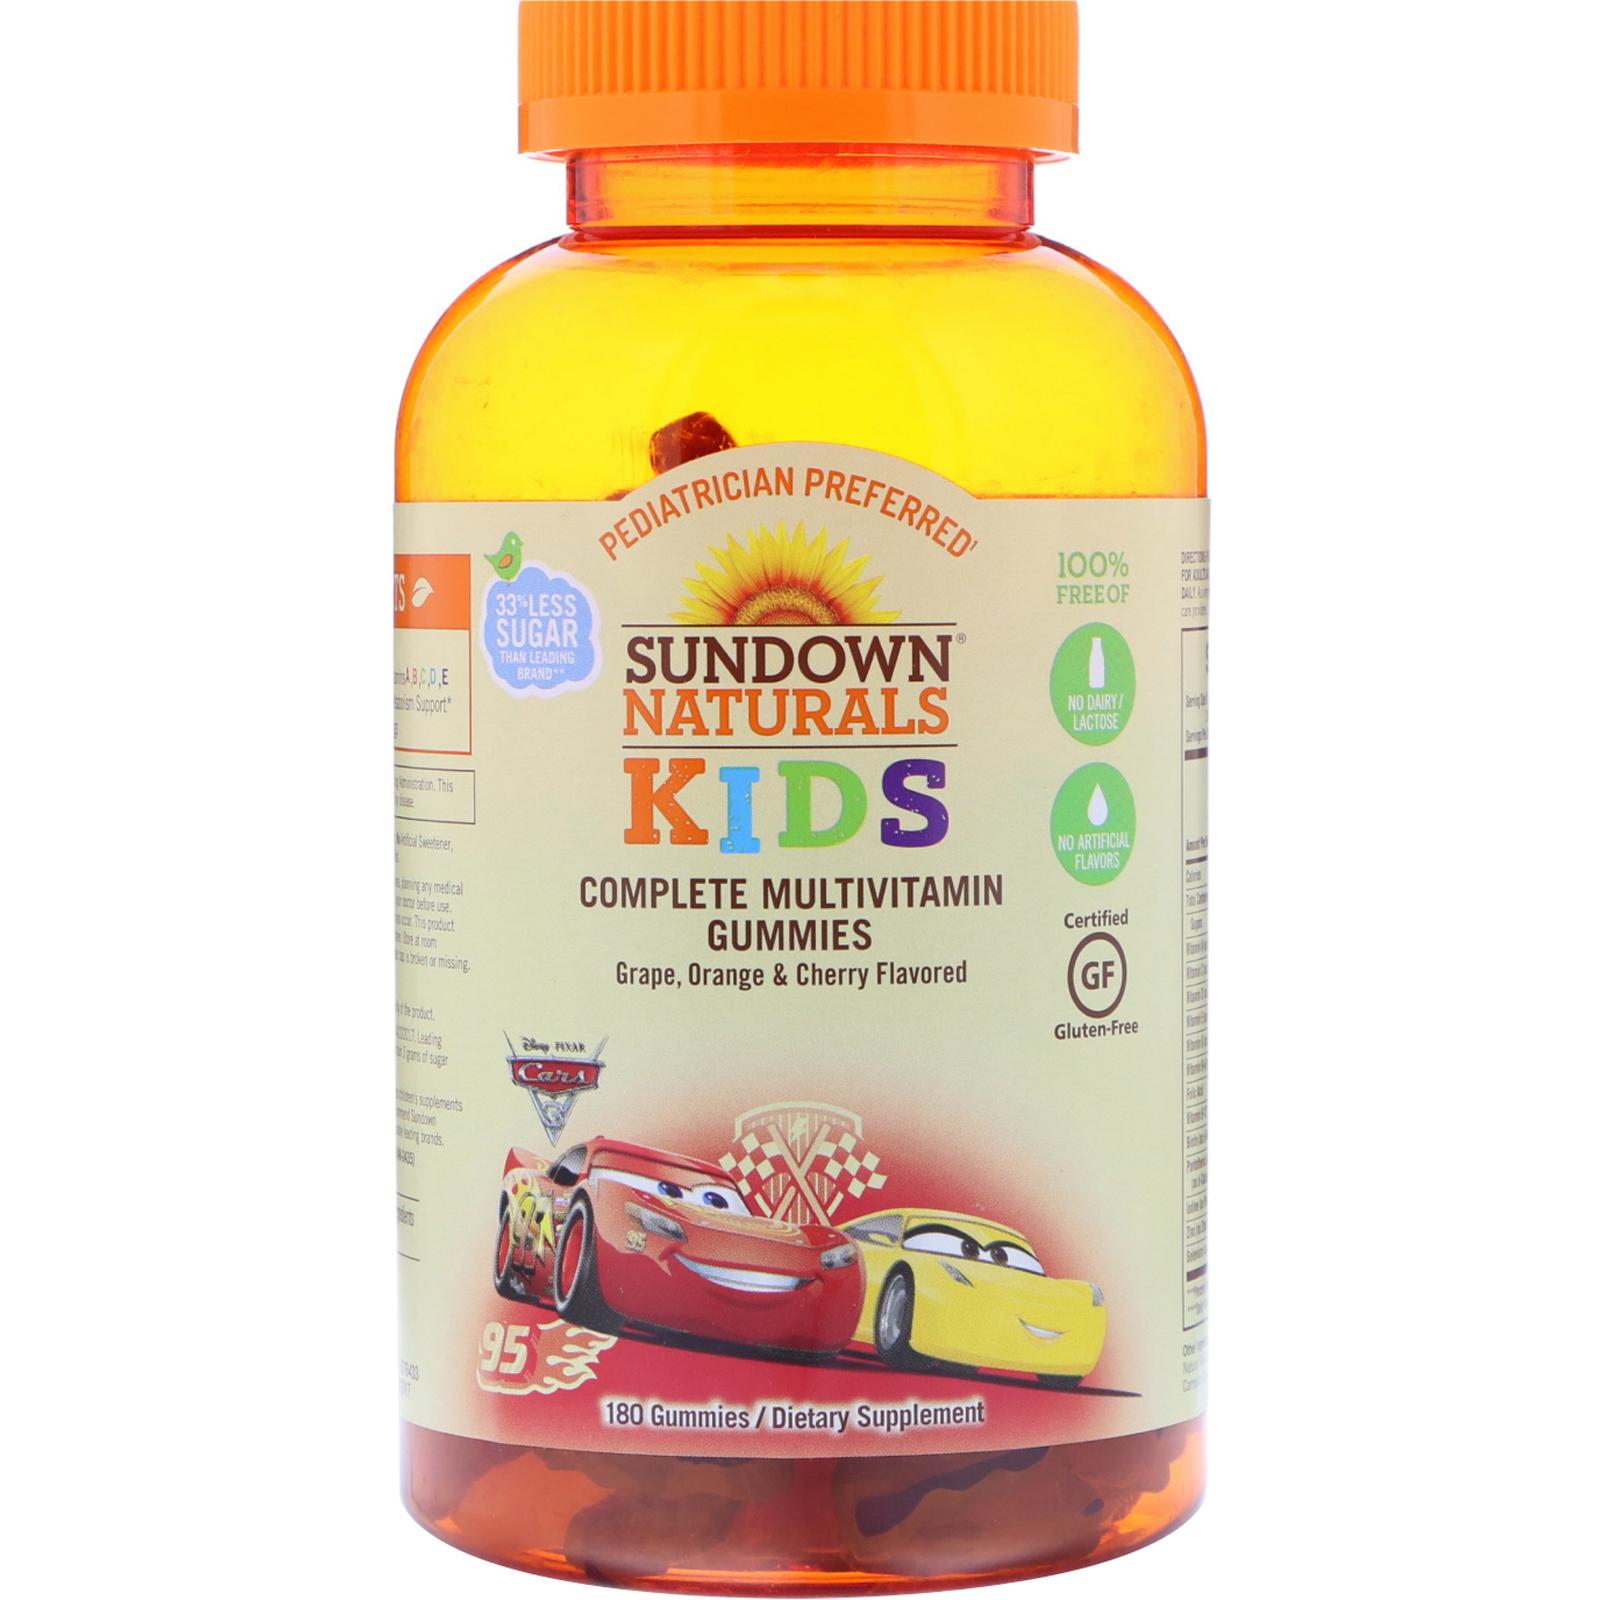 Sundown Naturals Kids Gummies Review